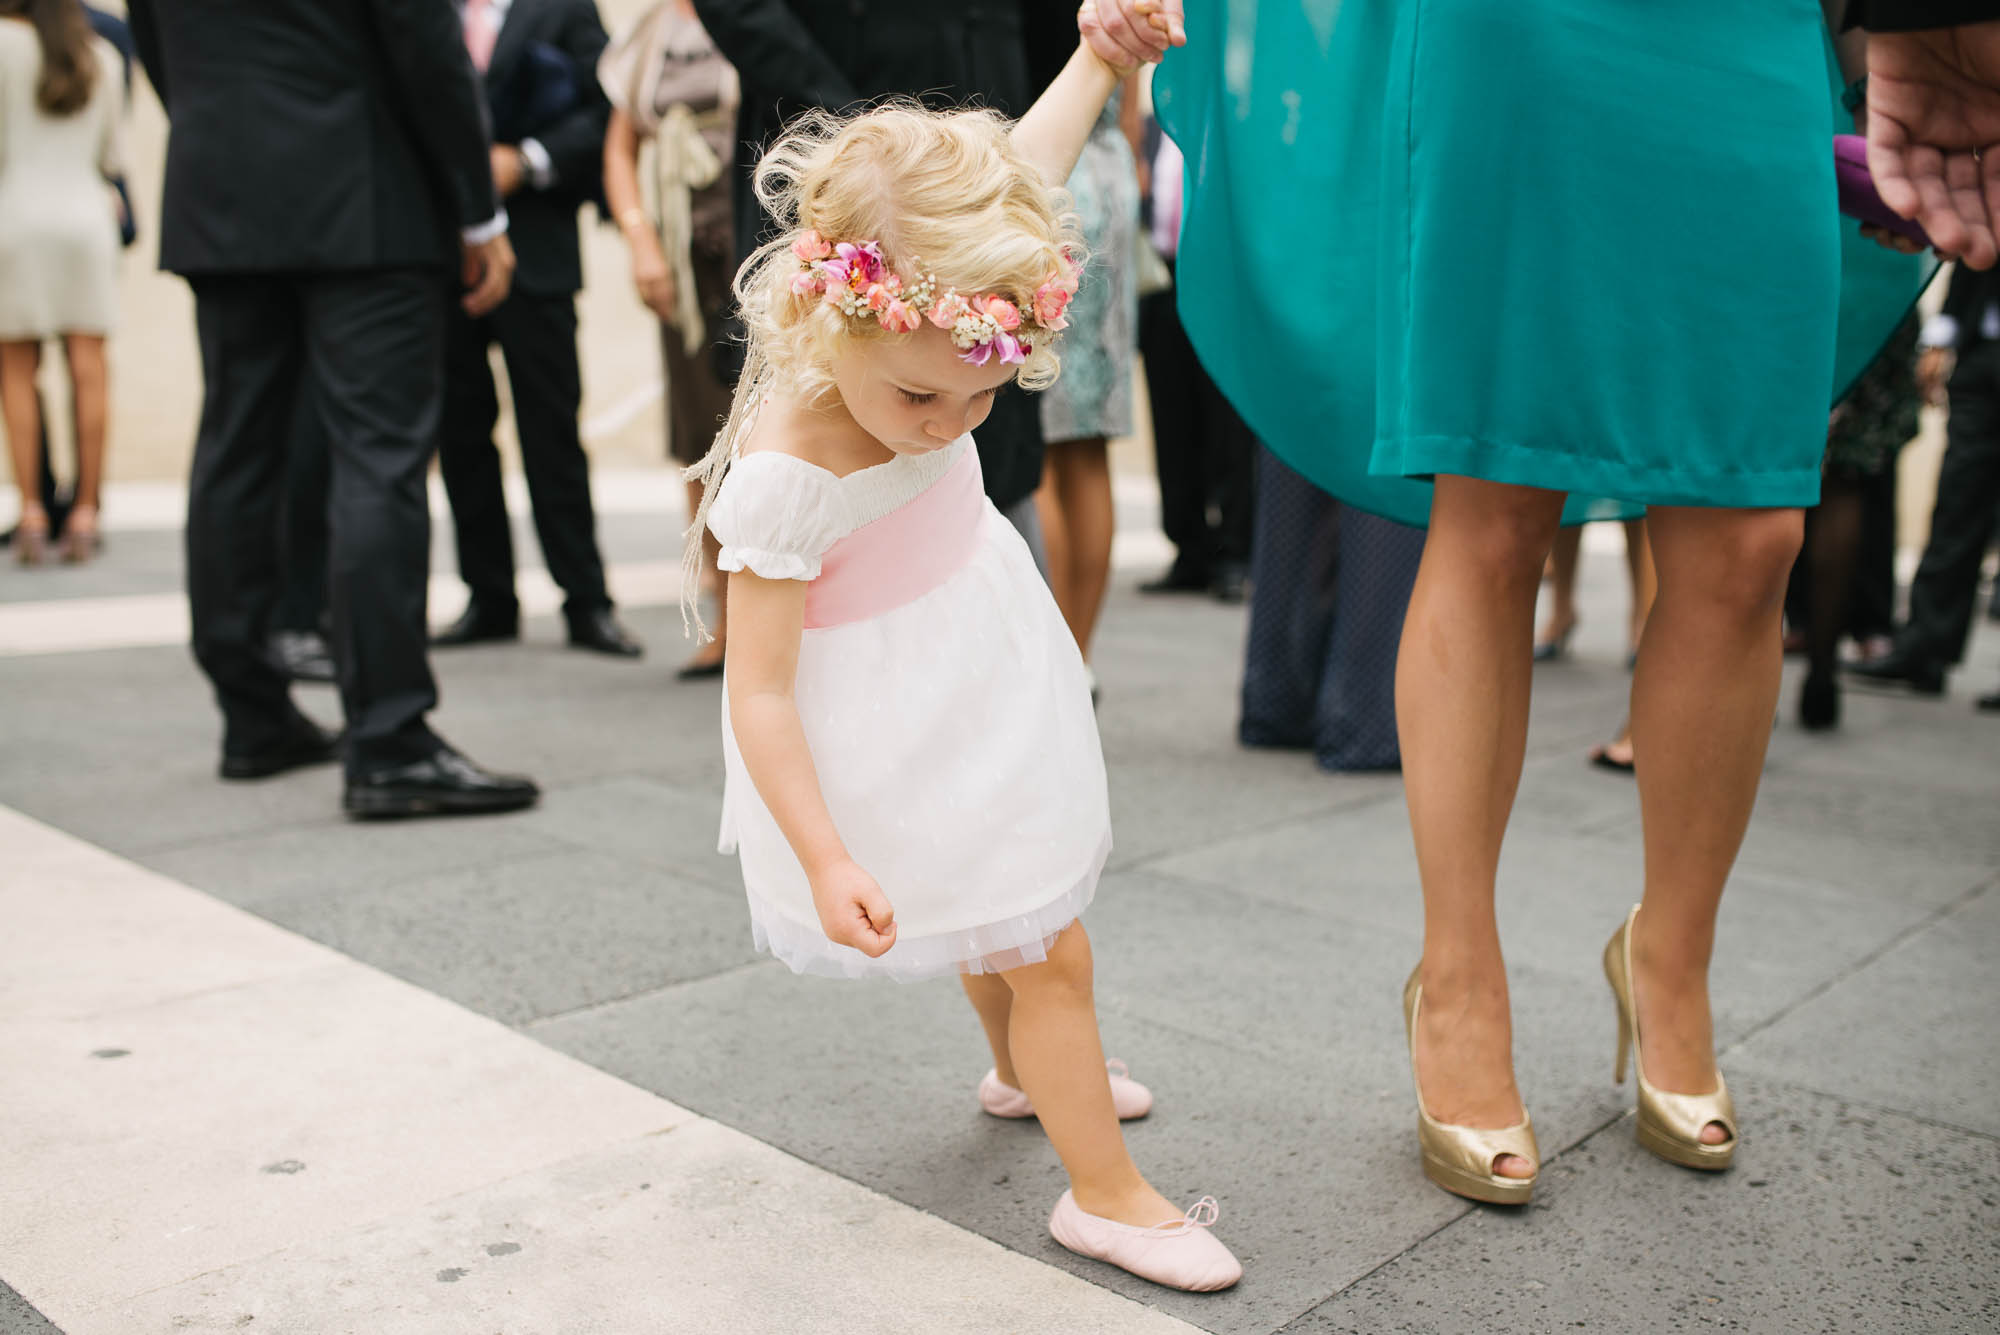 Niña con tocado de flores el dia de la boda